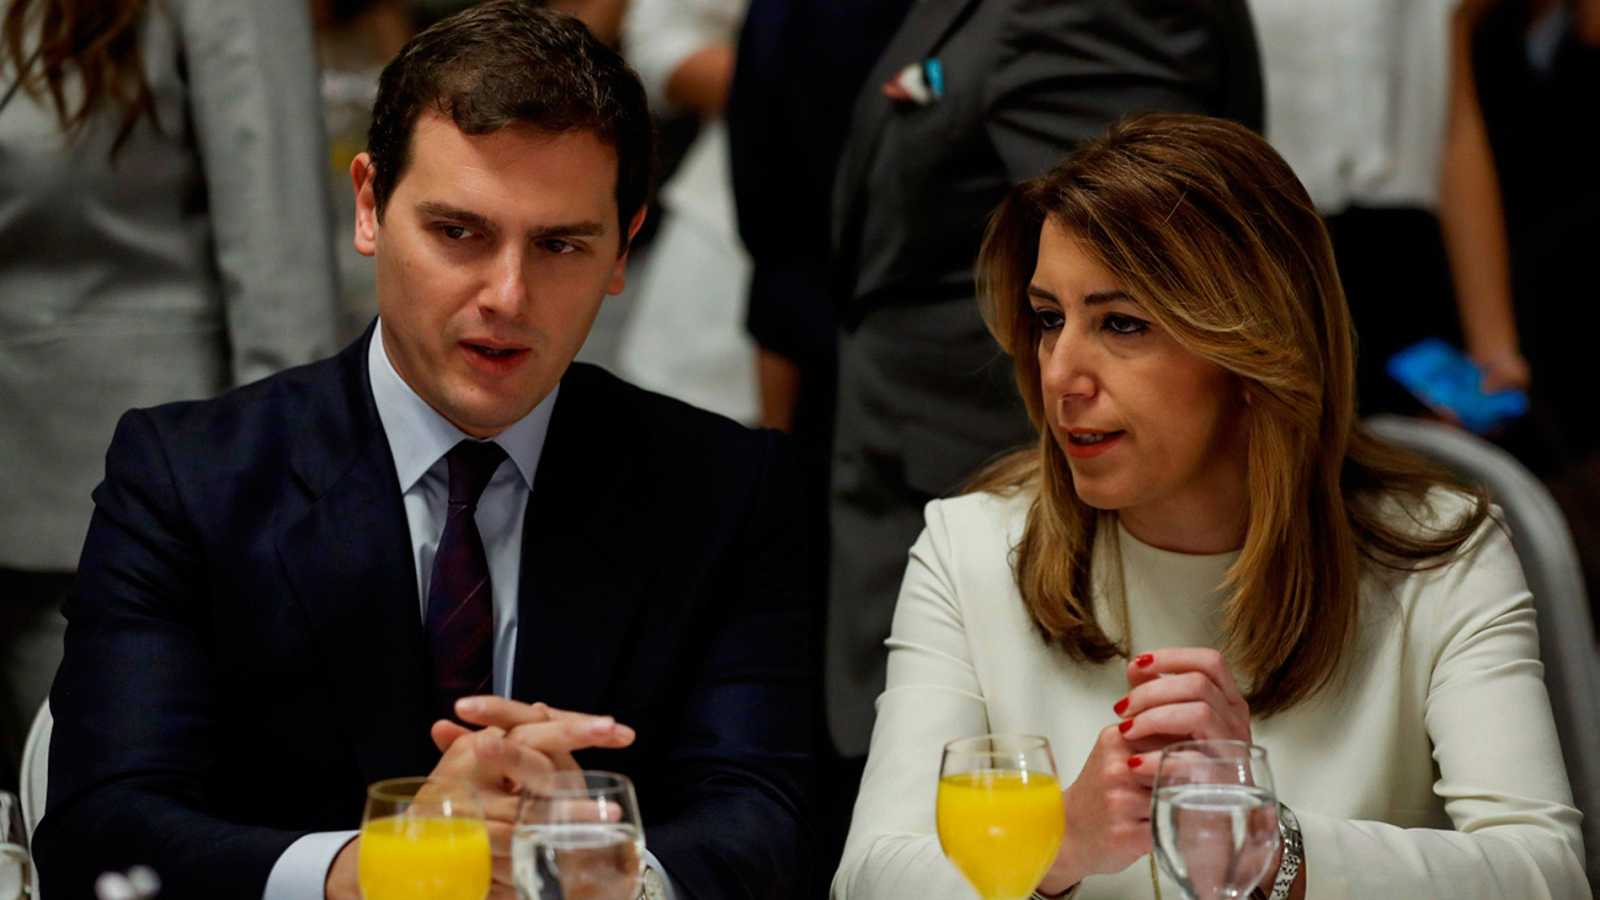 """El presidente de Ciudadanos, Albert Rivera, ha exigido este lunes al presidente del Gobierno, Mariano Rajoy, que """"rectifique"""" y se siente a negociar """"cómo extendemos la aplicación del 155"""" a la vista de la intención de Quim Torra de seguir apostando"""